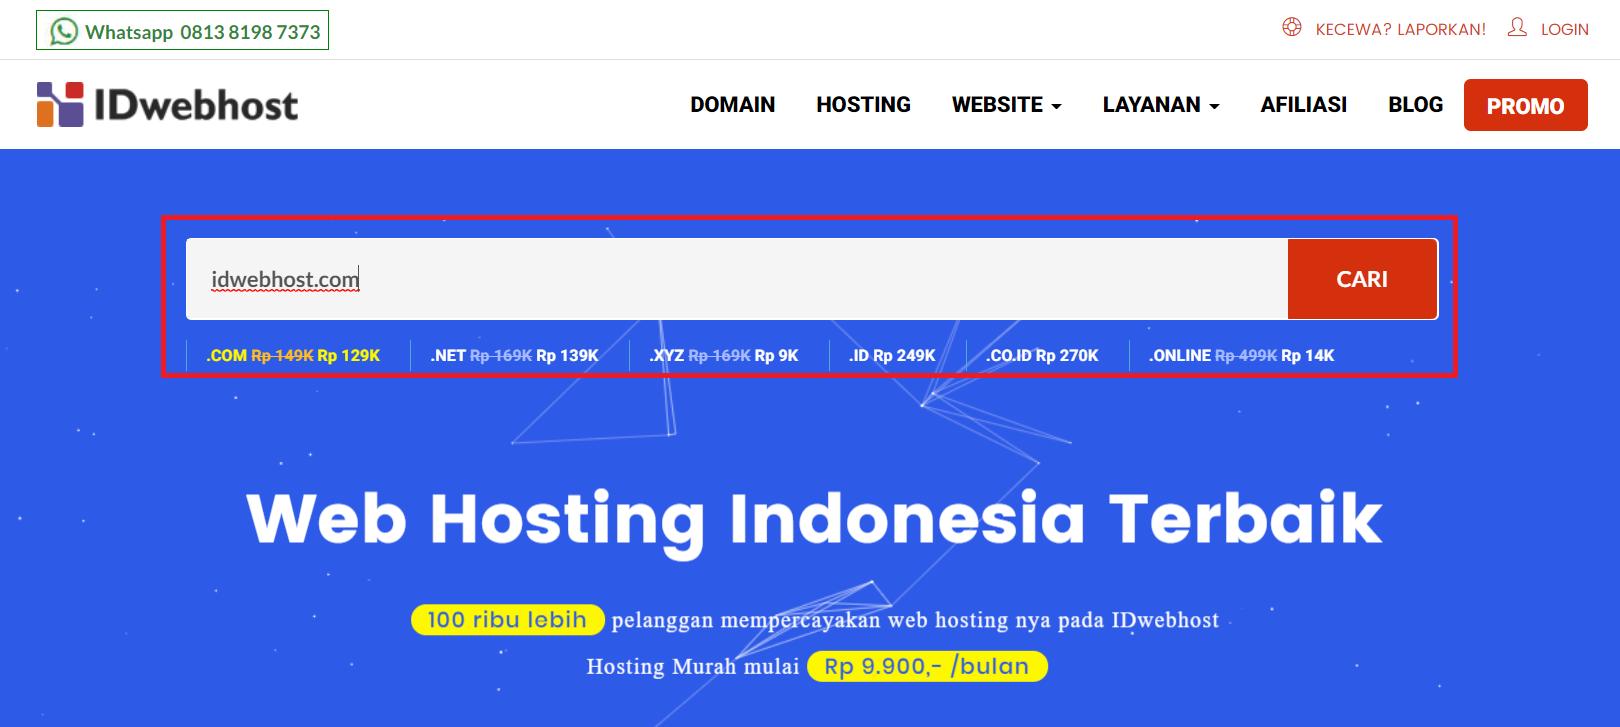 idwebhostcom